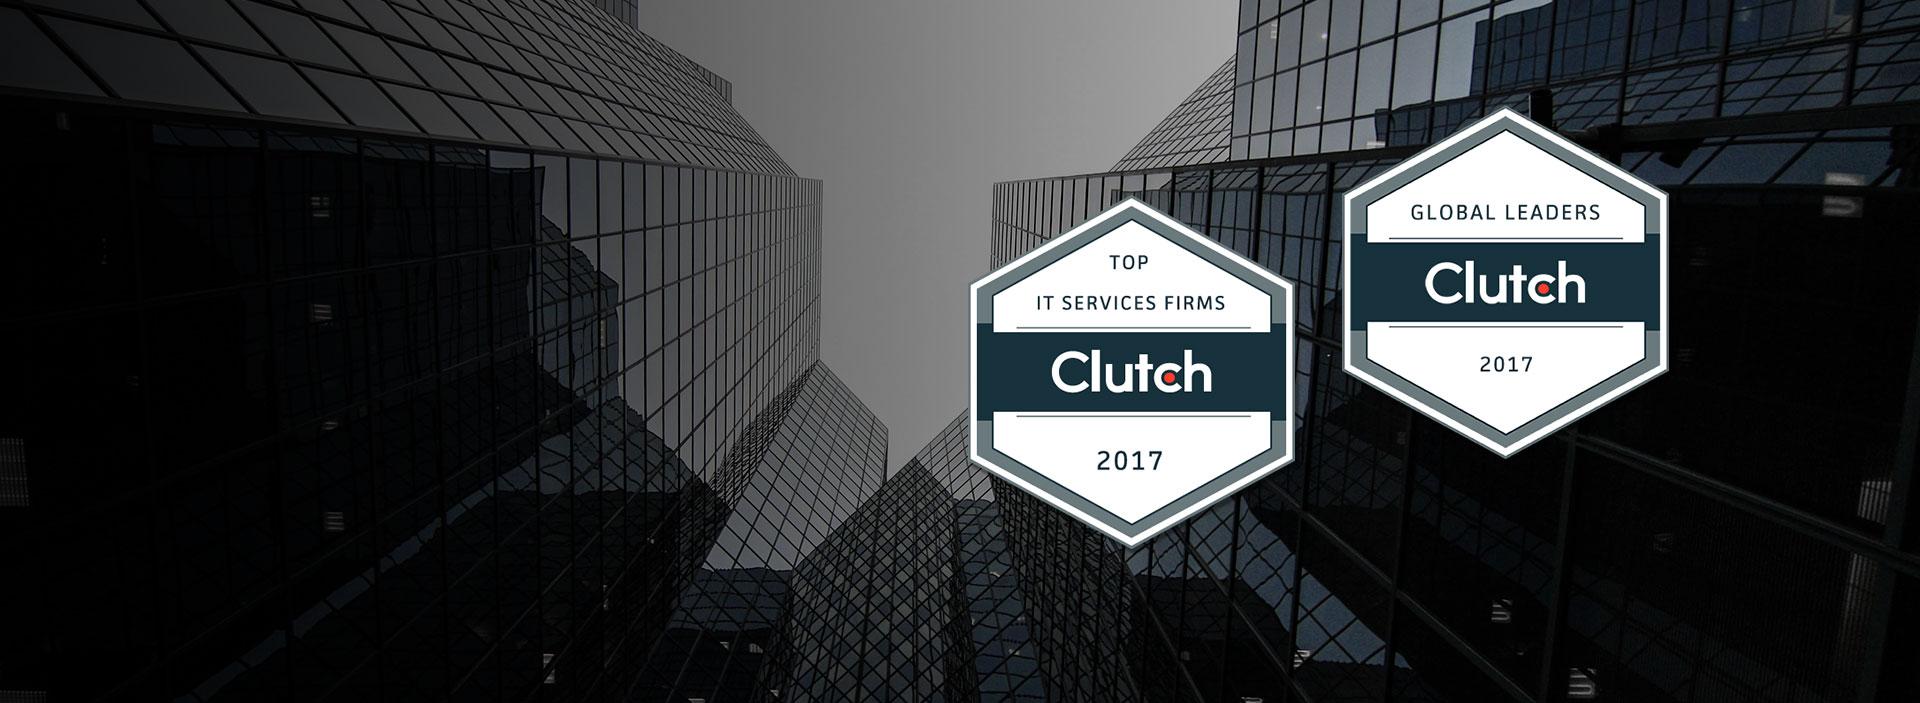 N-iX Named Clutch Global Leader 2017